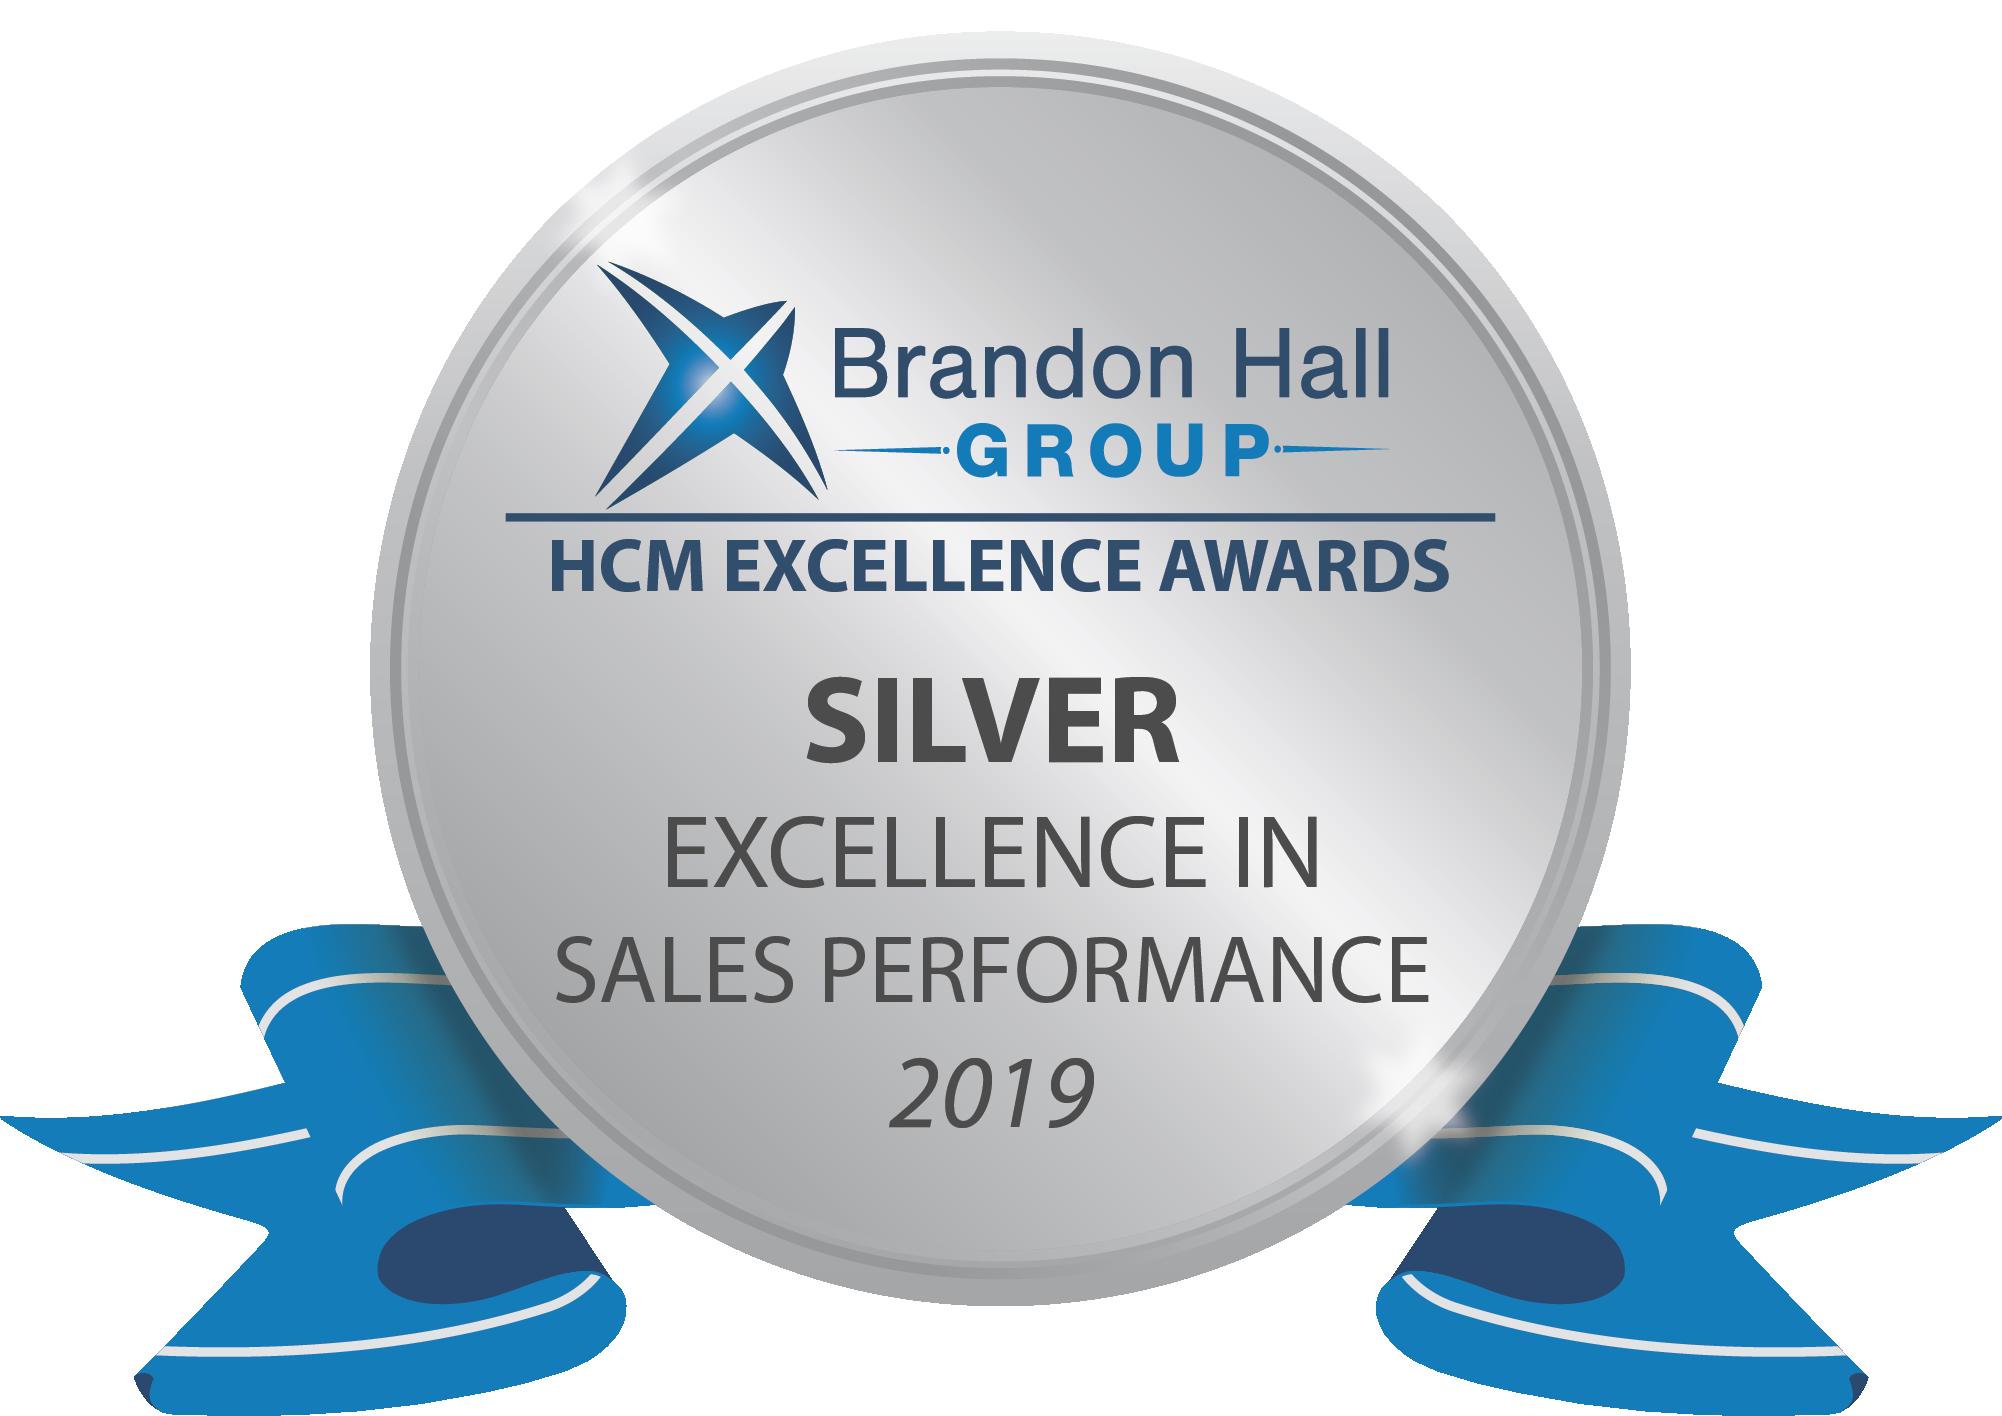 silver-sp-award-2019-01